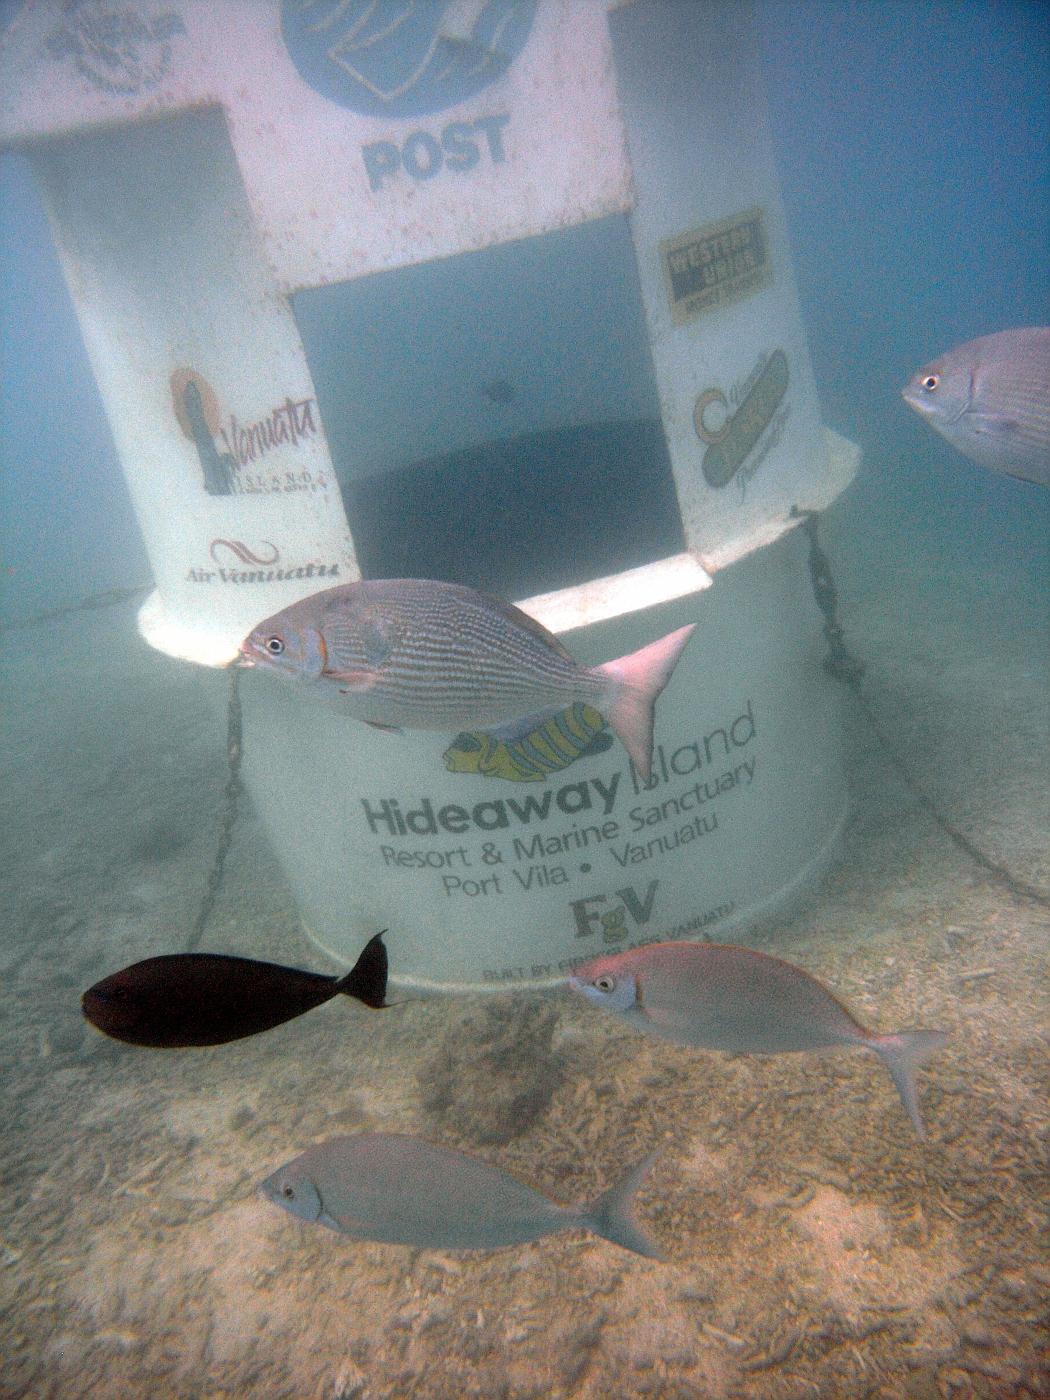 World's First Underwater Post Office